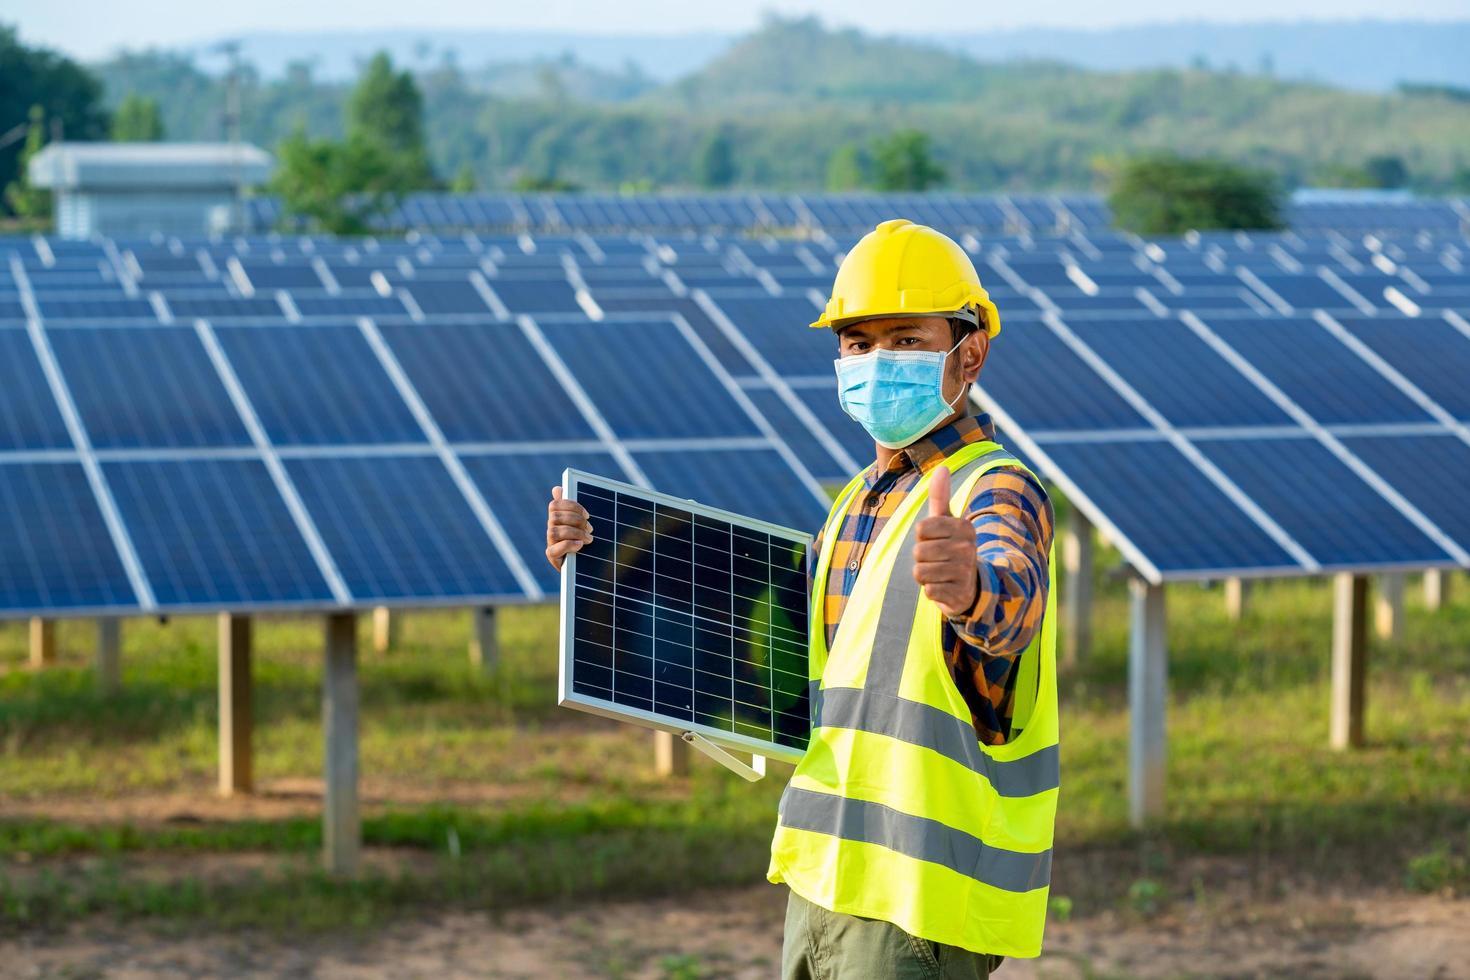 homme portant un équipement de sécurité avec des panneaux solaires photo